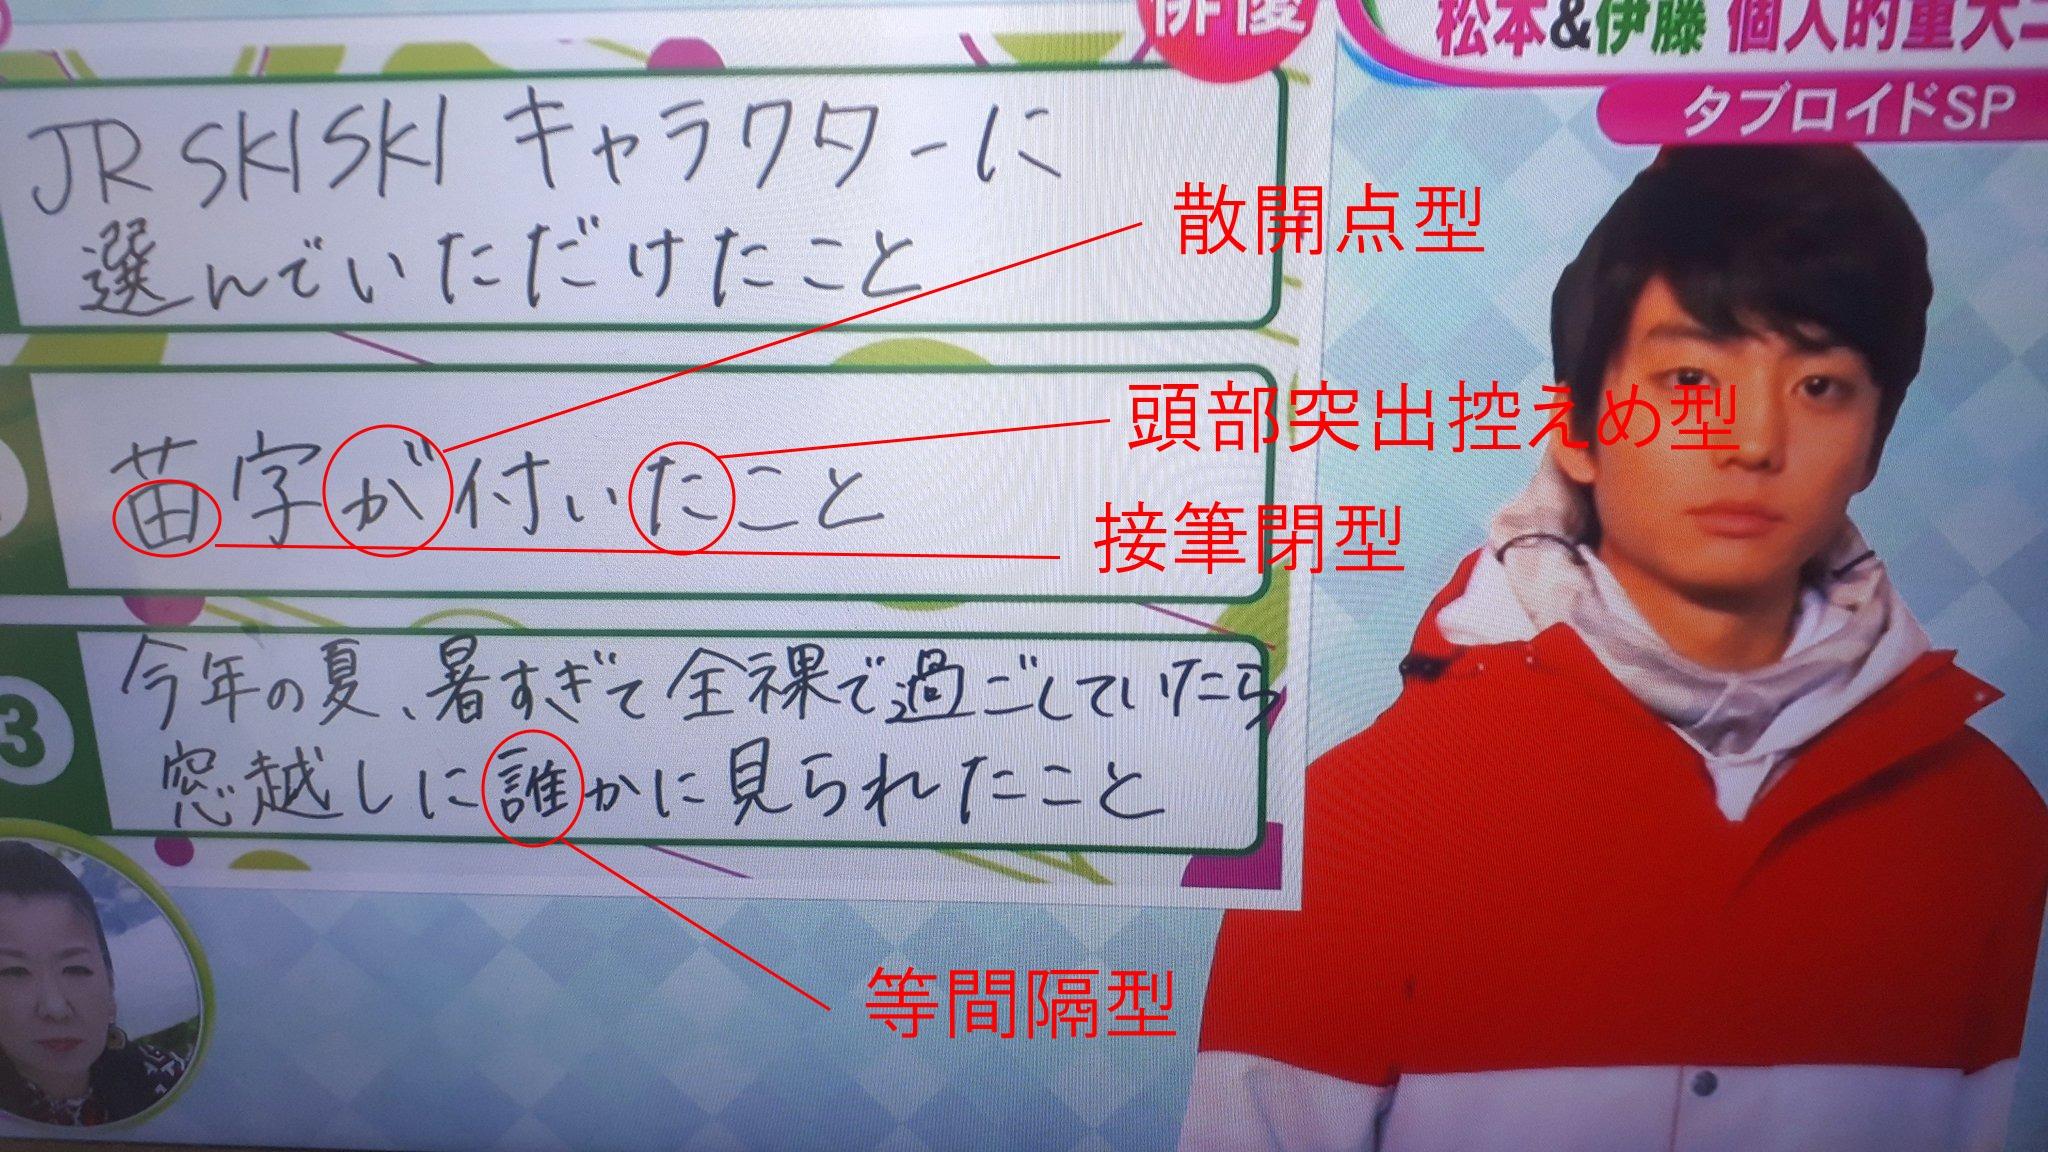 伊藤健太郎さんの筆跡診断